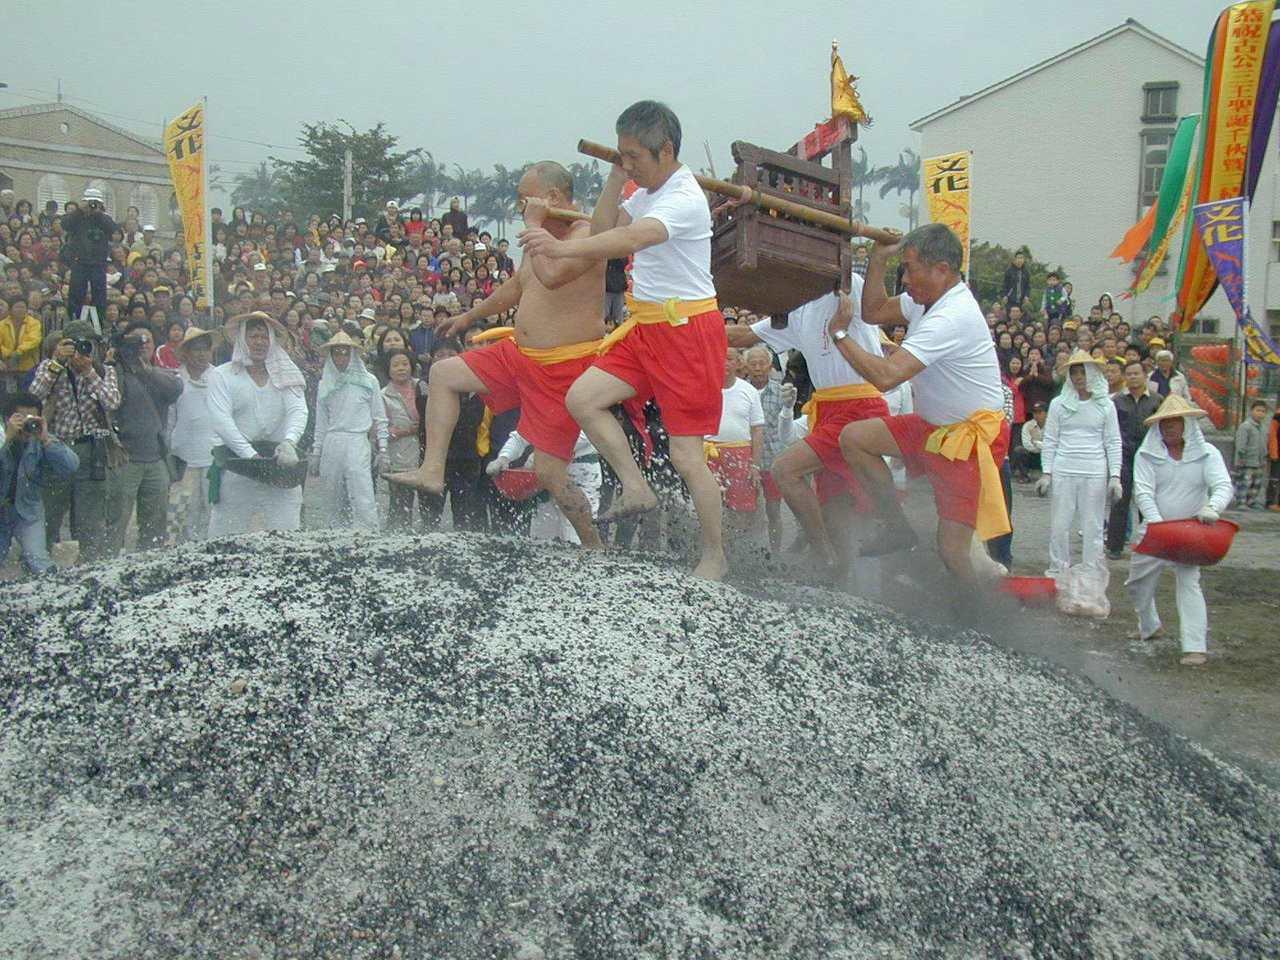 宜蘭縣二結王公廟過火儀式,信徒扛神轎,踏過火熱的炭堆,吸引圍觀人潮。本報資料照片...